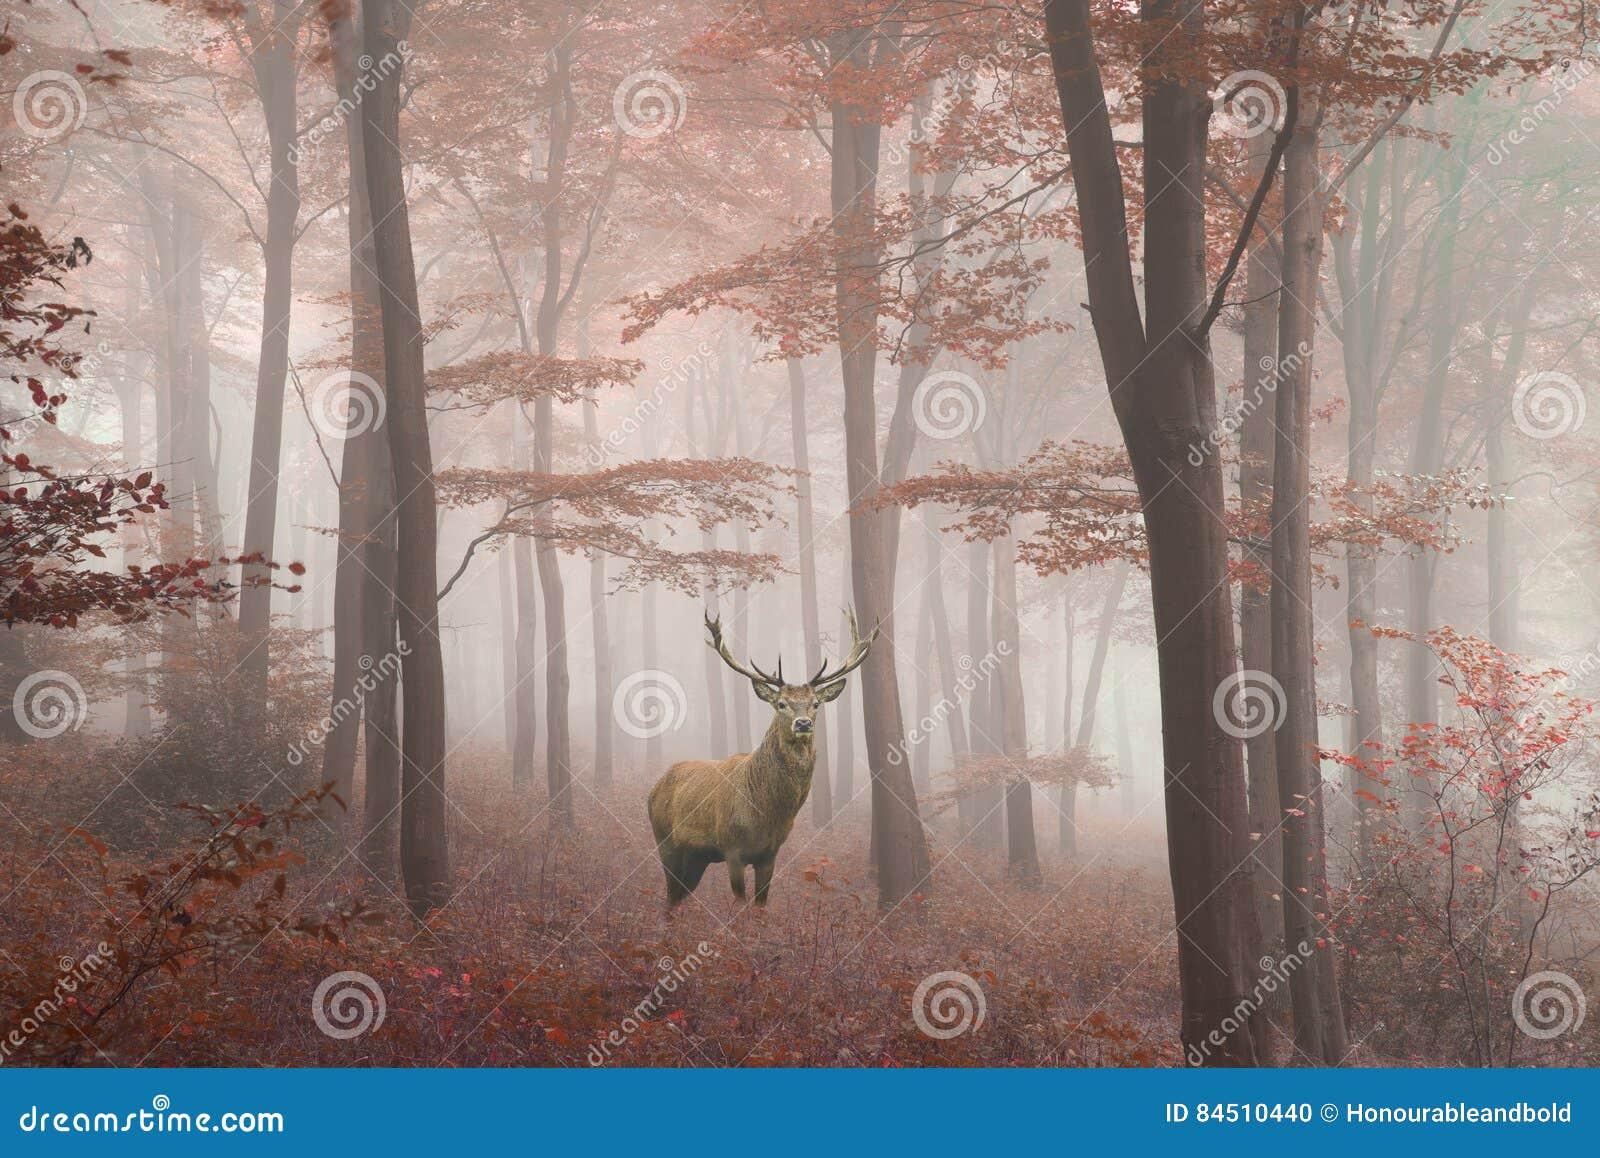 Piękny wizerunek czerwonego rogacza jeleń w mgłowej jesieni kolorowym lesie